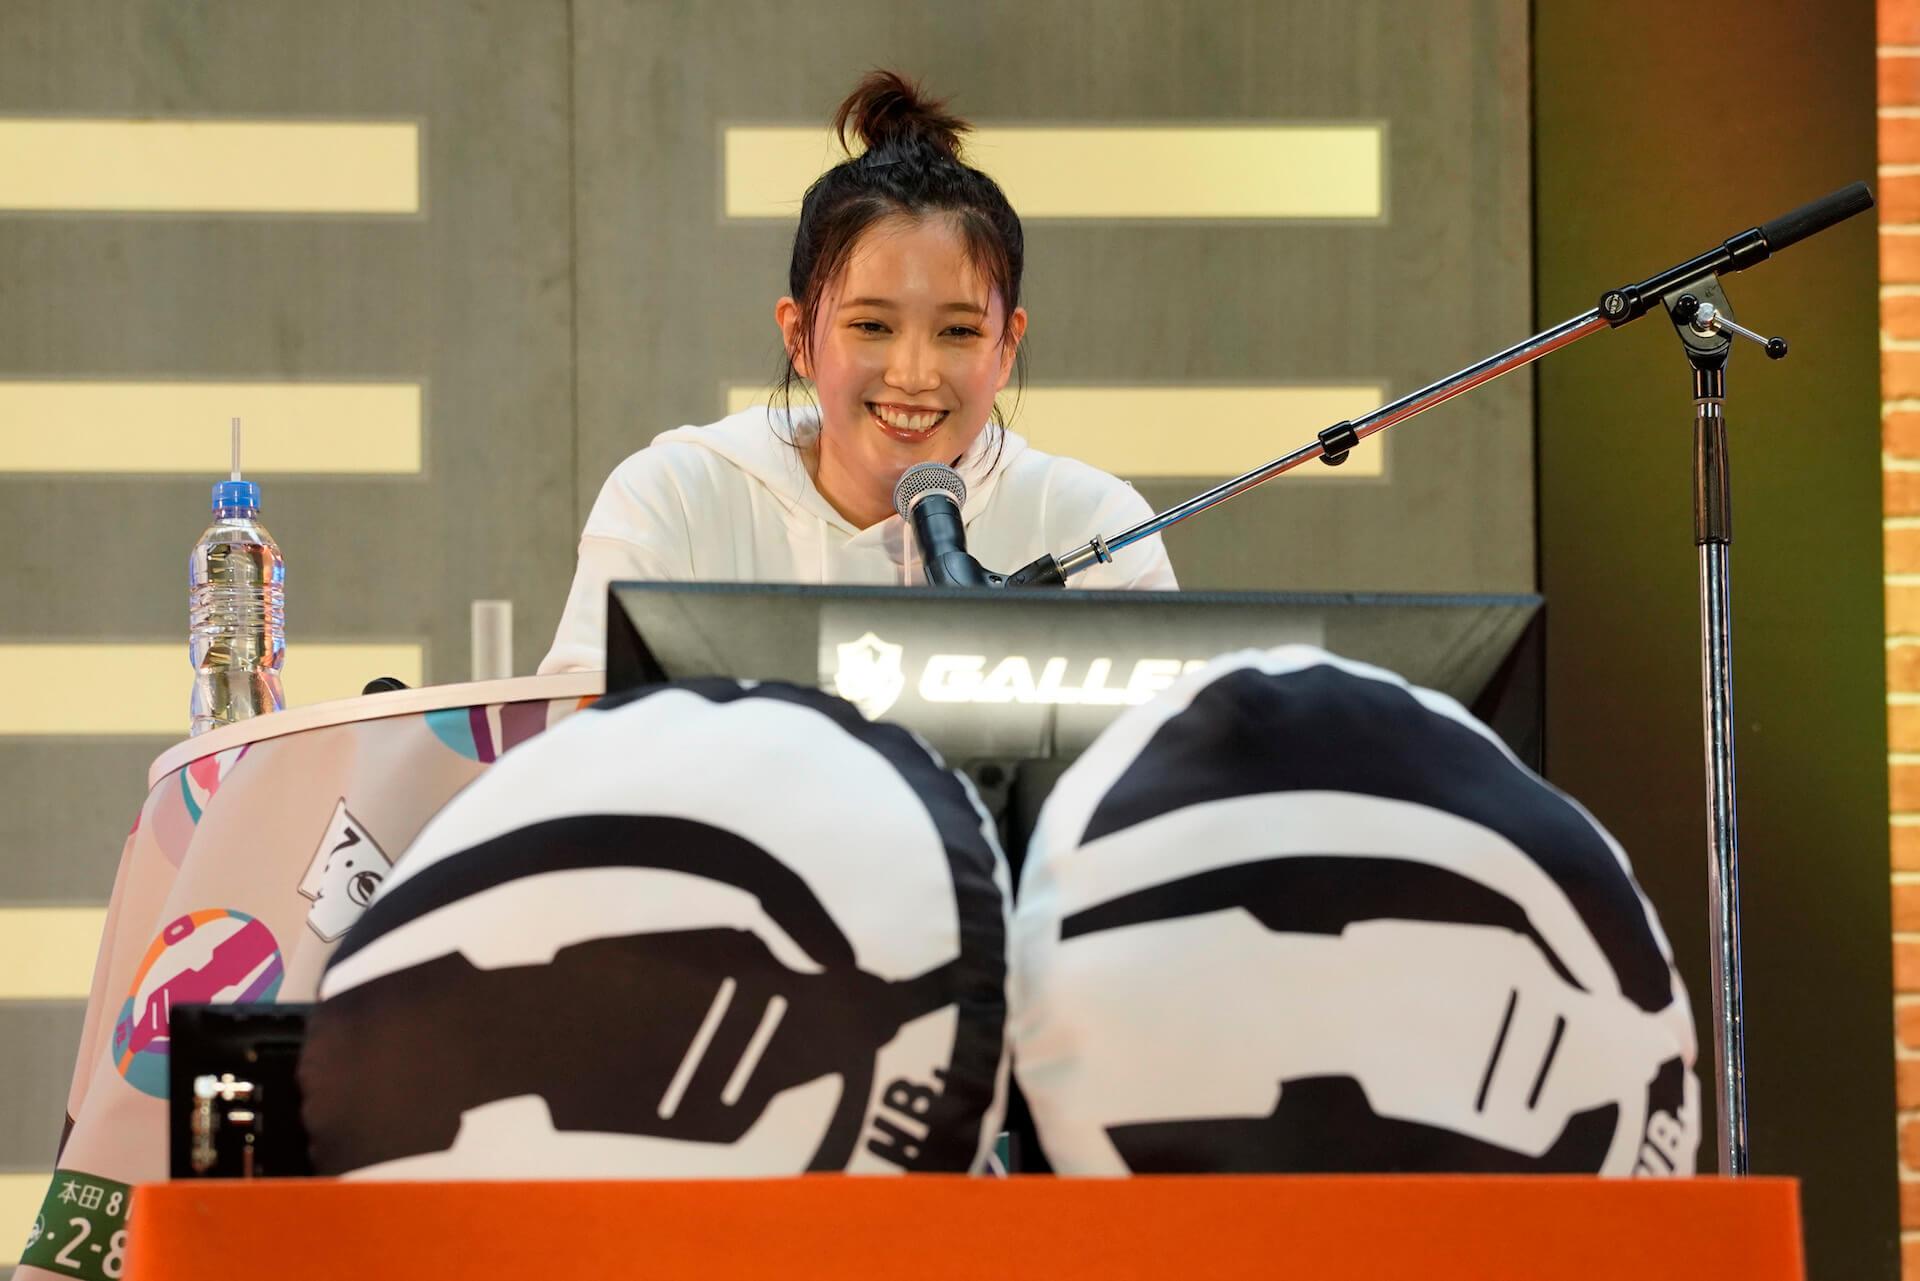 本田翼、YouTubeアカウントほんだのばいく開設1周年イベントで大興奮!レポートが到着 art191023_hondanobike_main